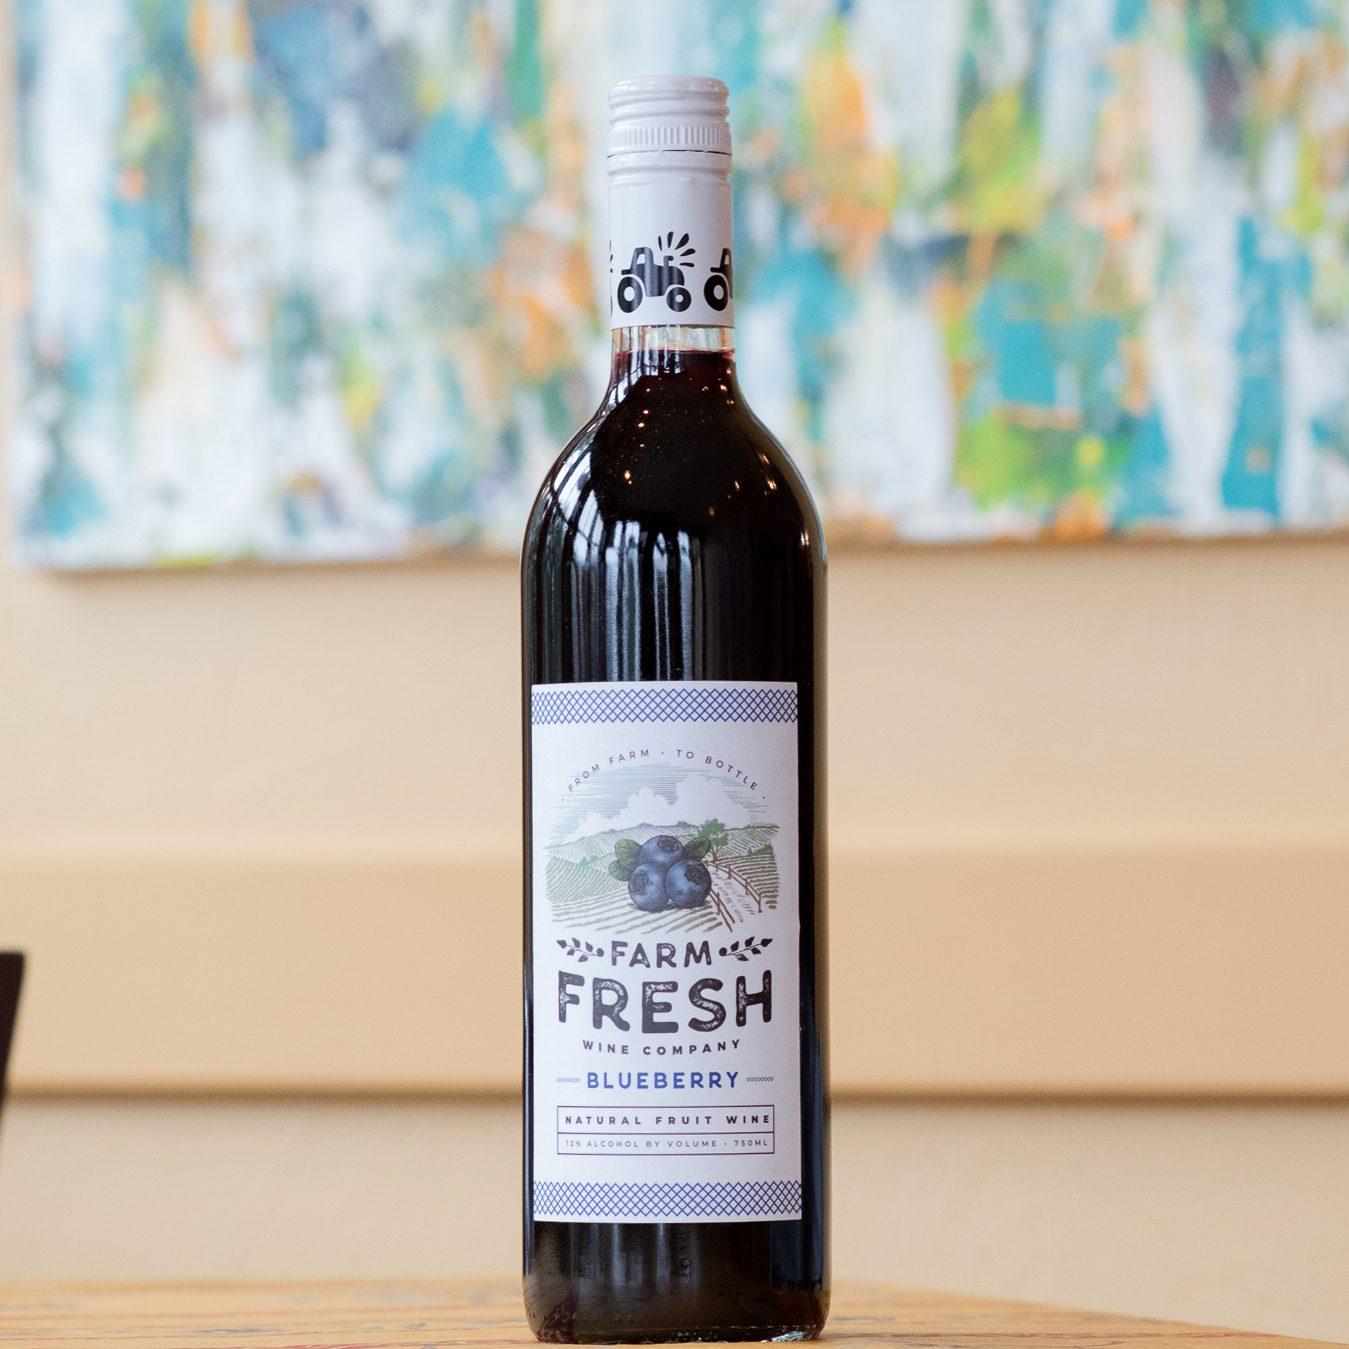 Blueberry Fruit Wine